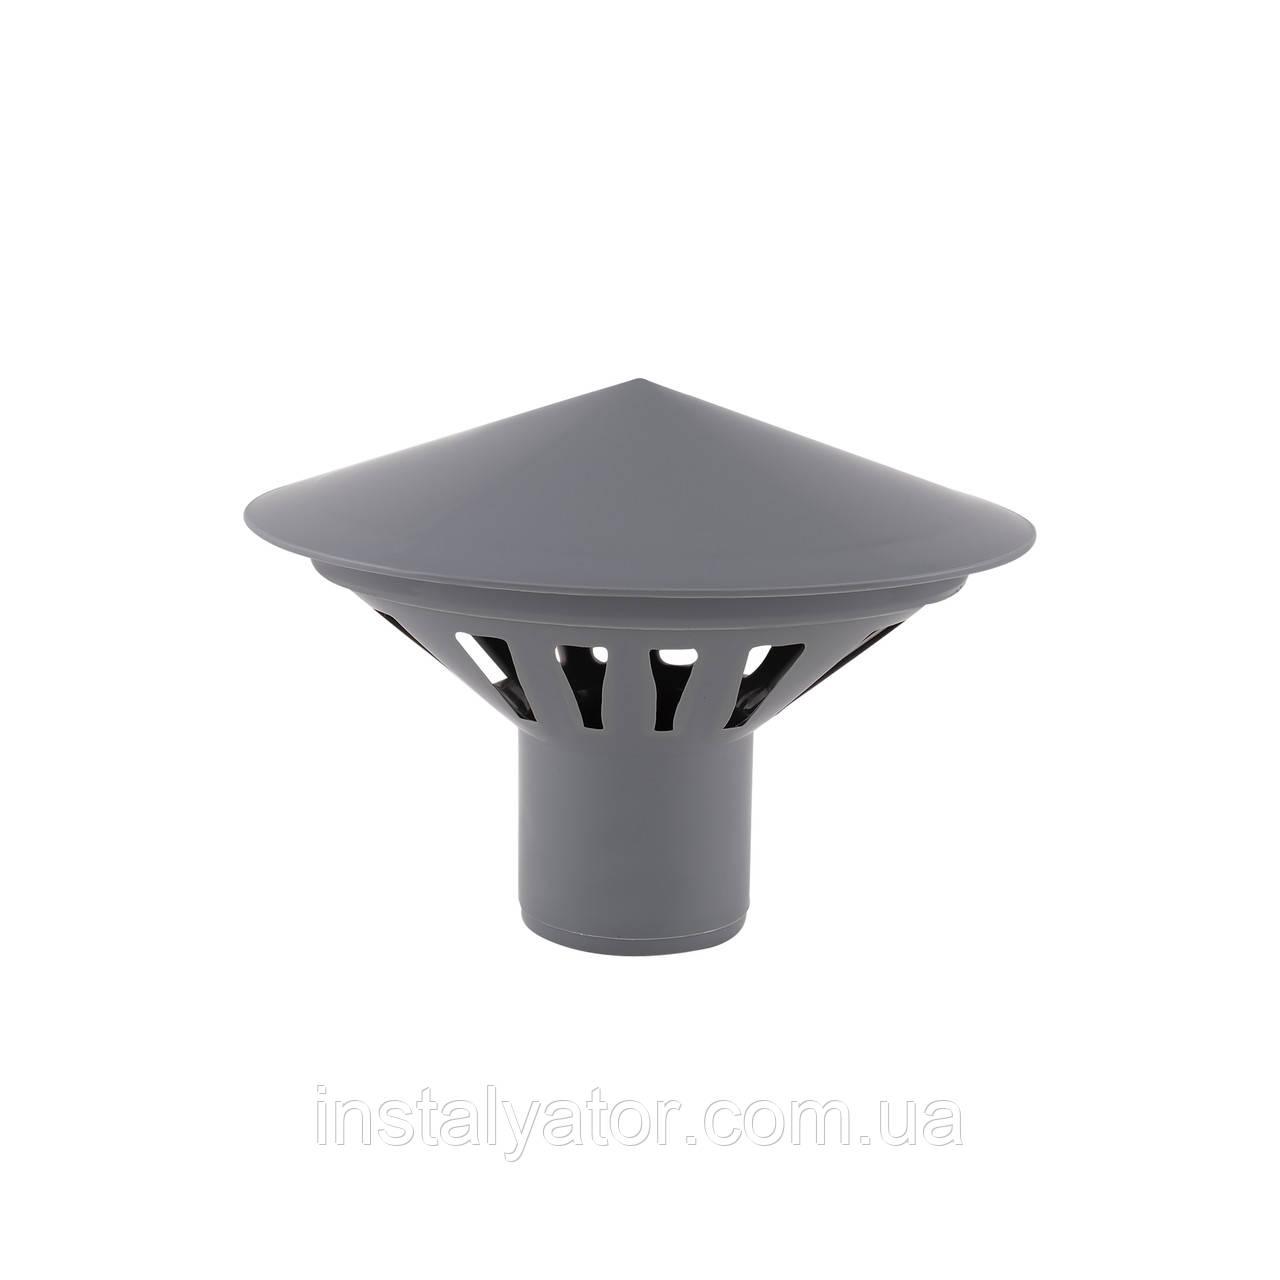 Грибок вентиляционный PPR TA Sewage 110